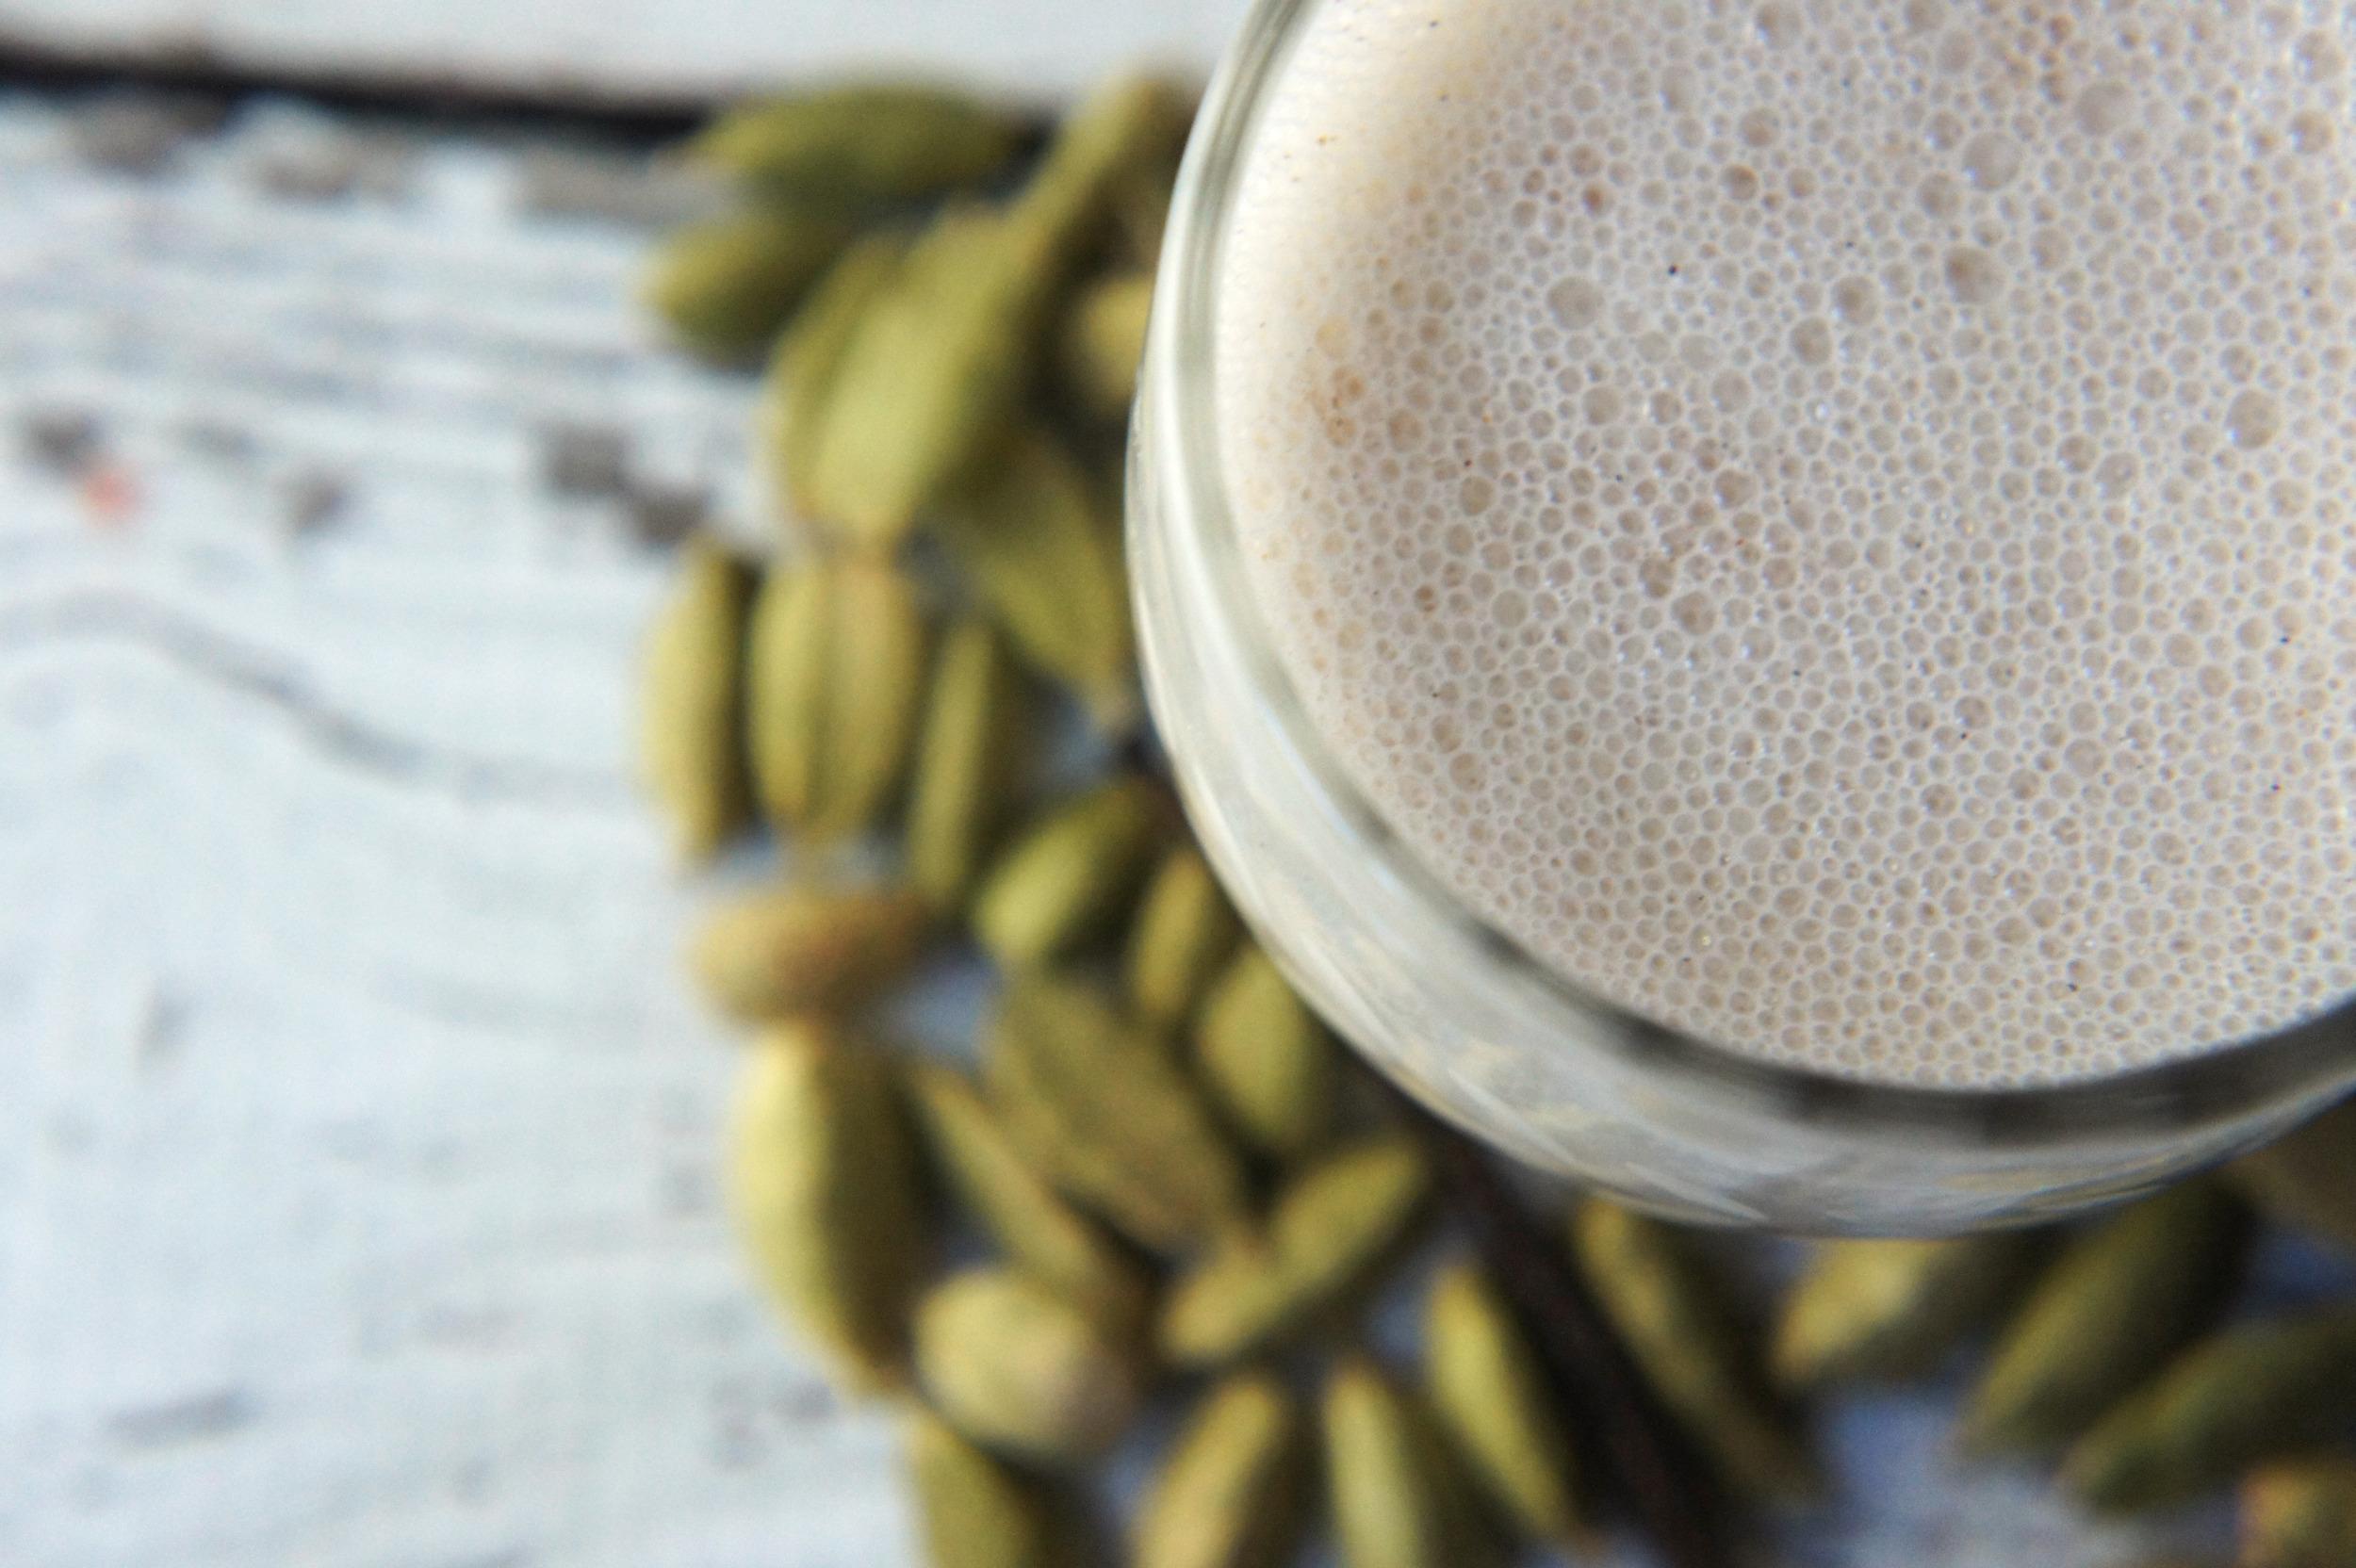 Vanilla-Cardamom Almond Milk